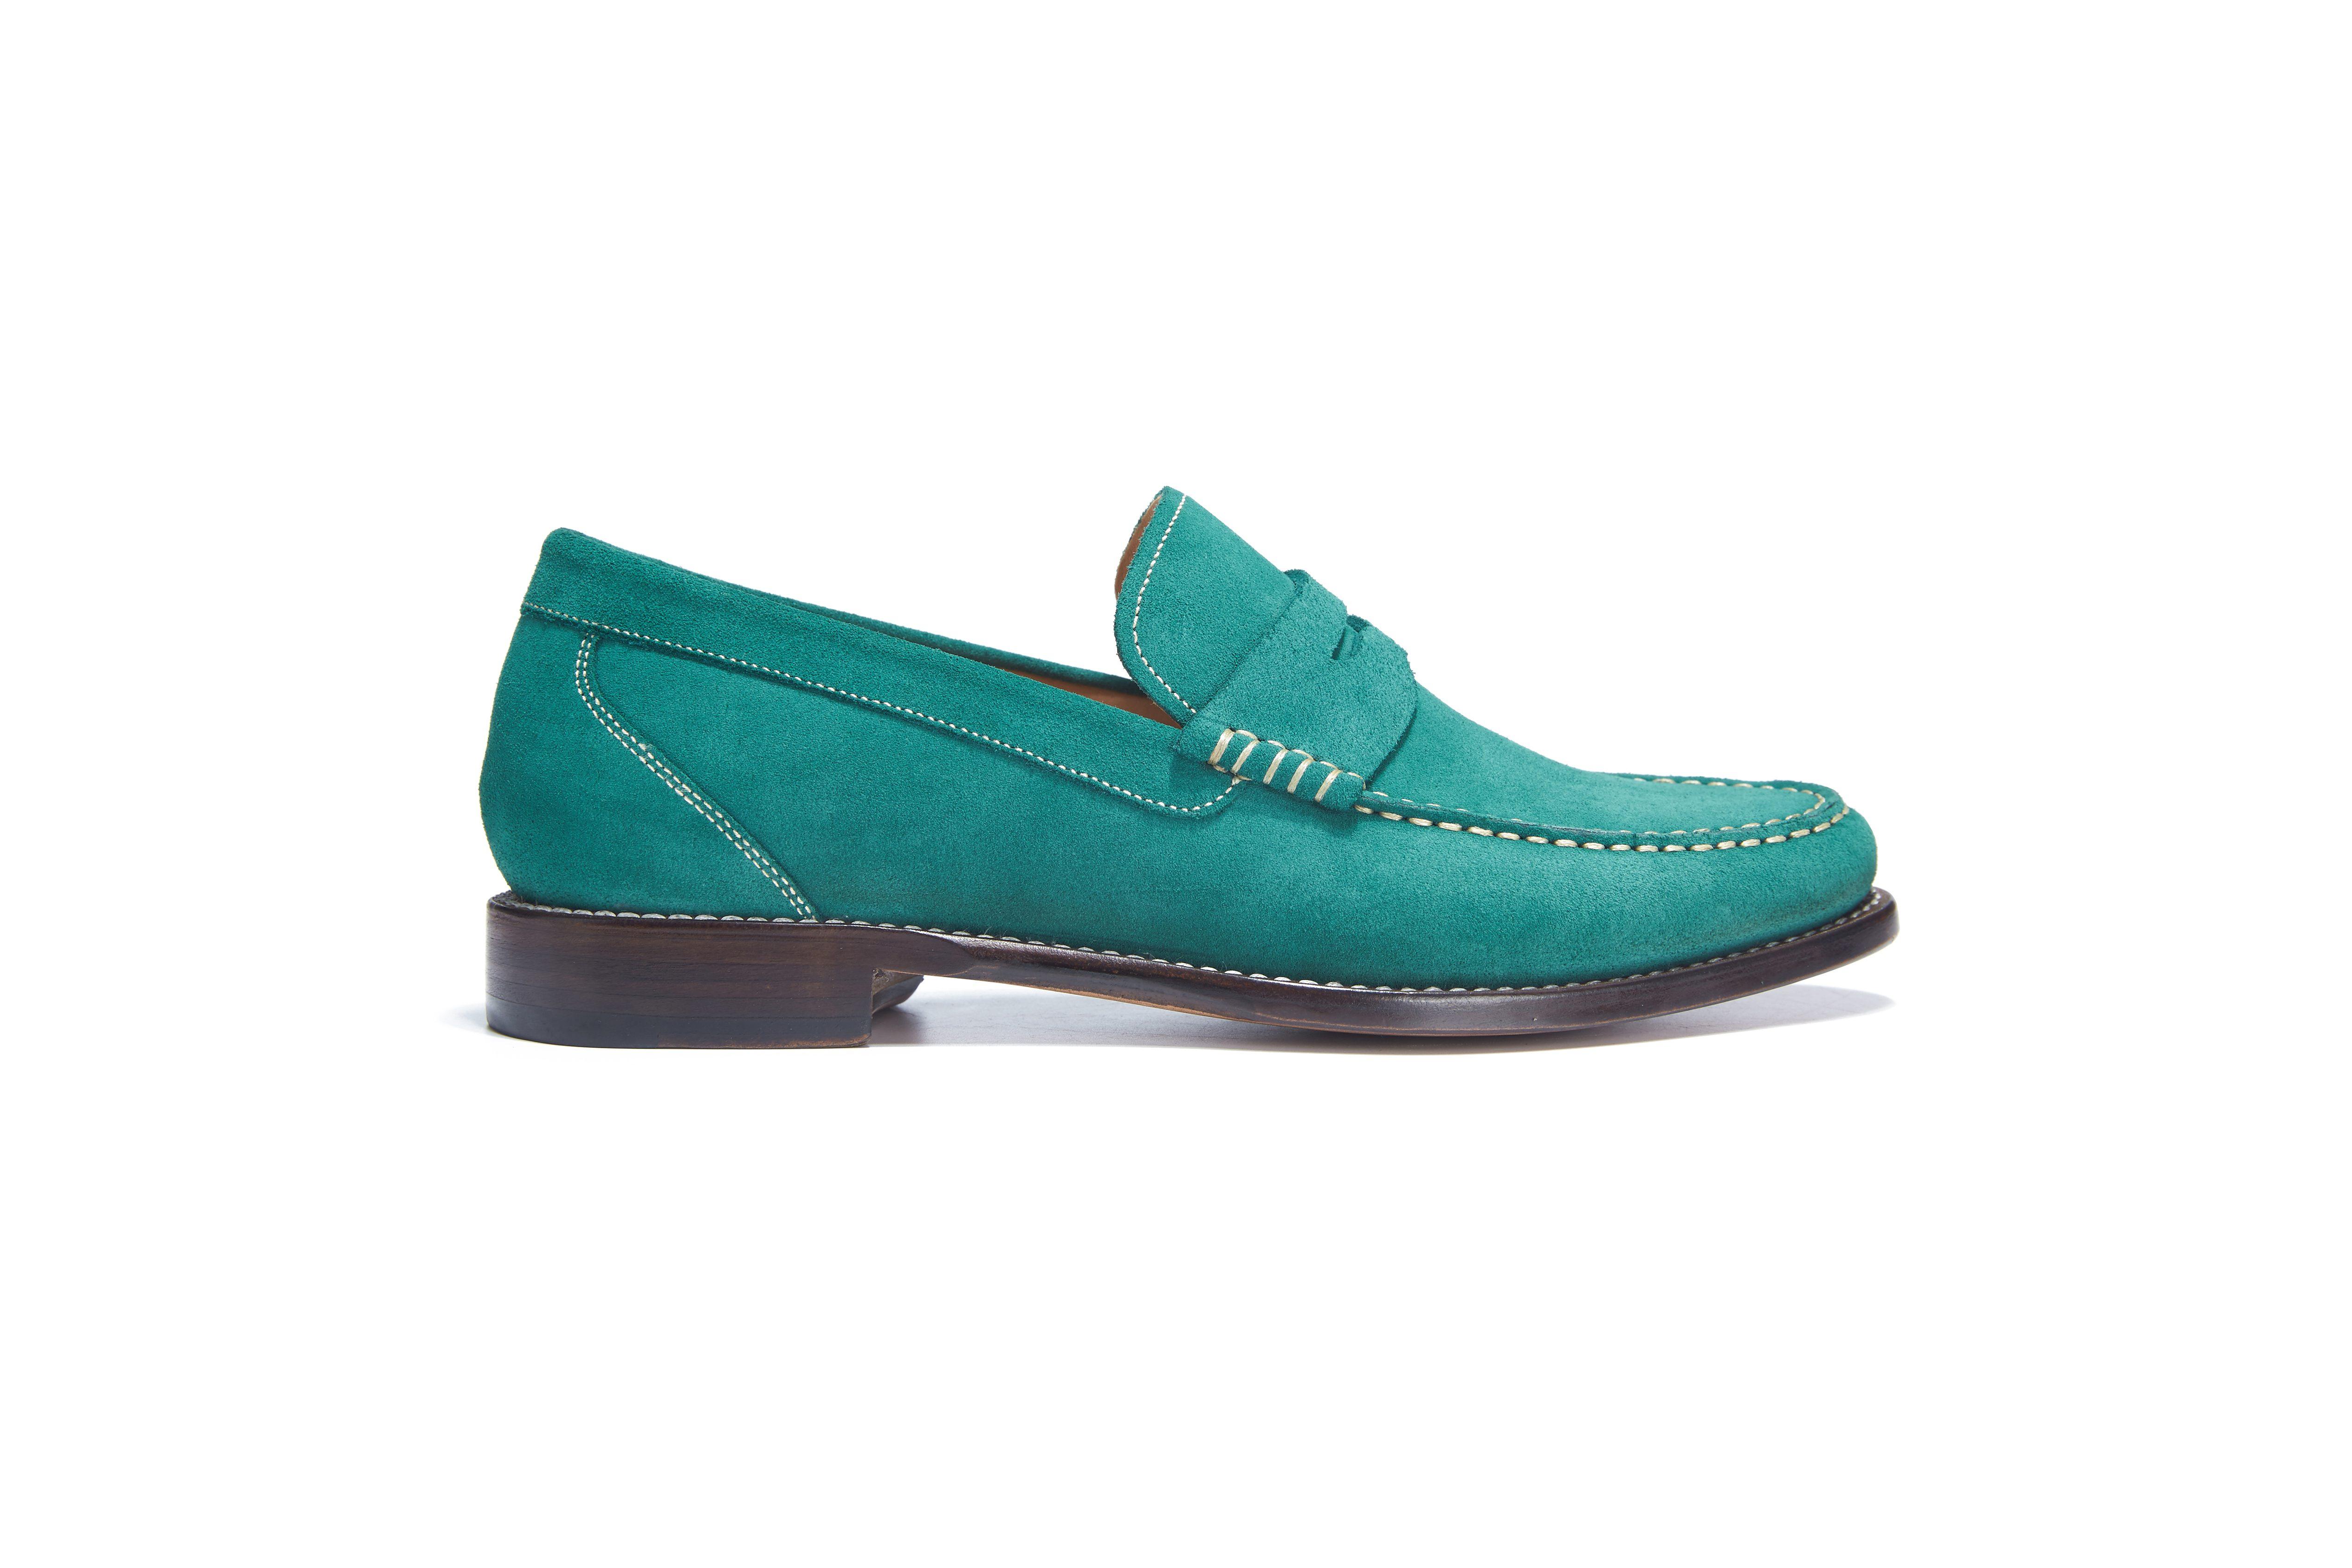 WESLEY – Turquoise